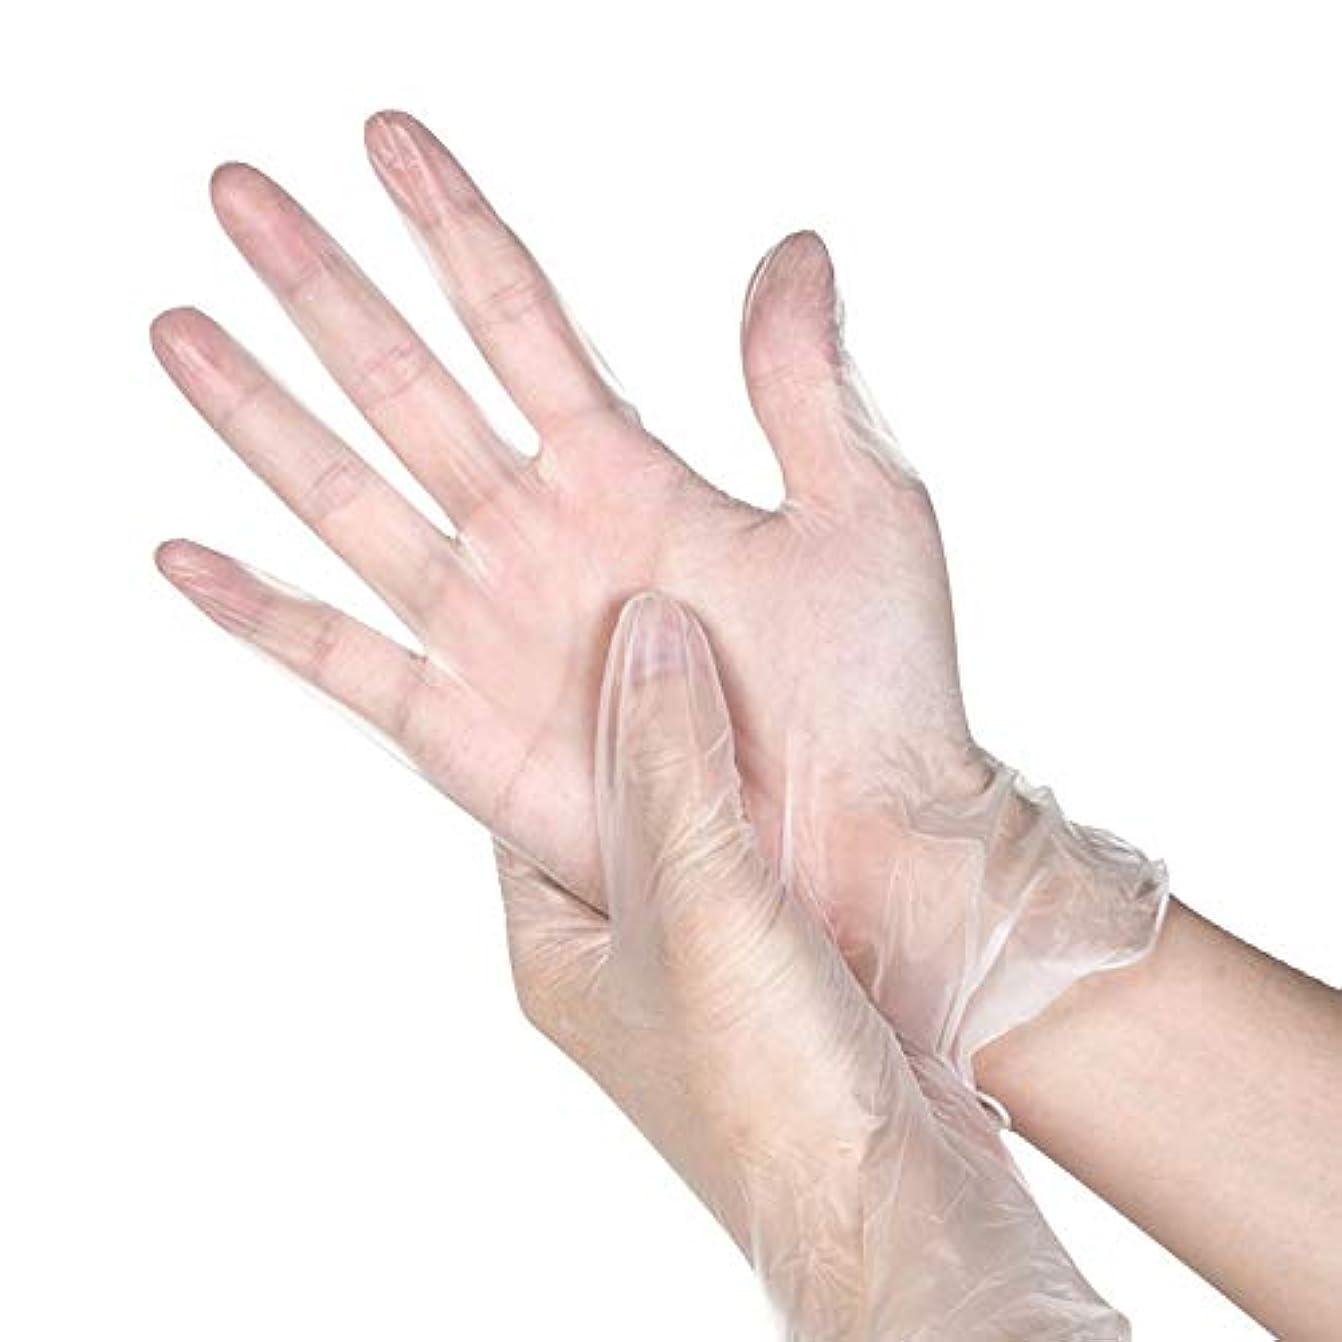 机フィラデルフィア素晴らしい良い多くの100組の透明なポリ塩化ビニールの手袋粉のないA等級の防水および耐油の使い捨て可能な食糧美容院のビニールの手袋 YANW (色 : トランスペアレント, サイズ さいず : M m)